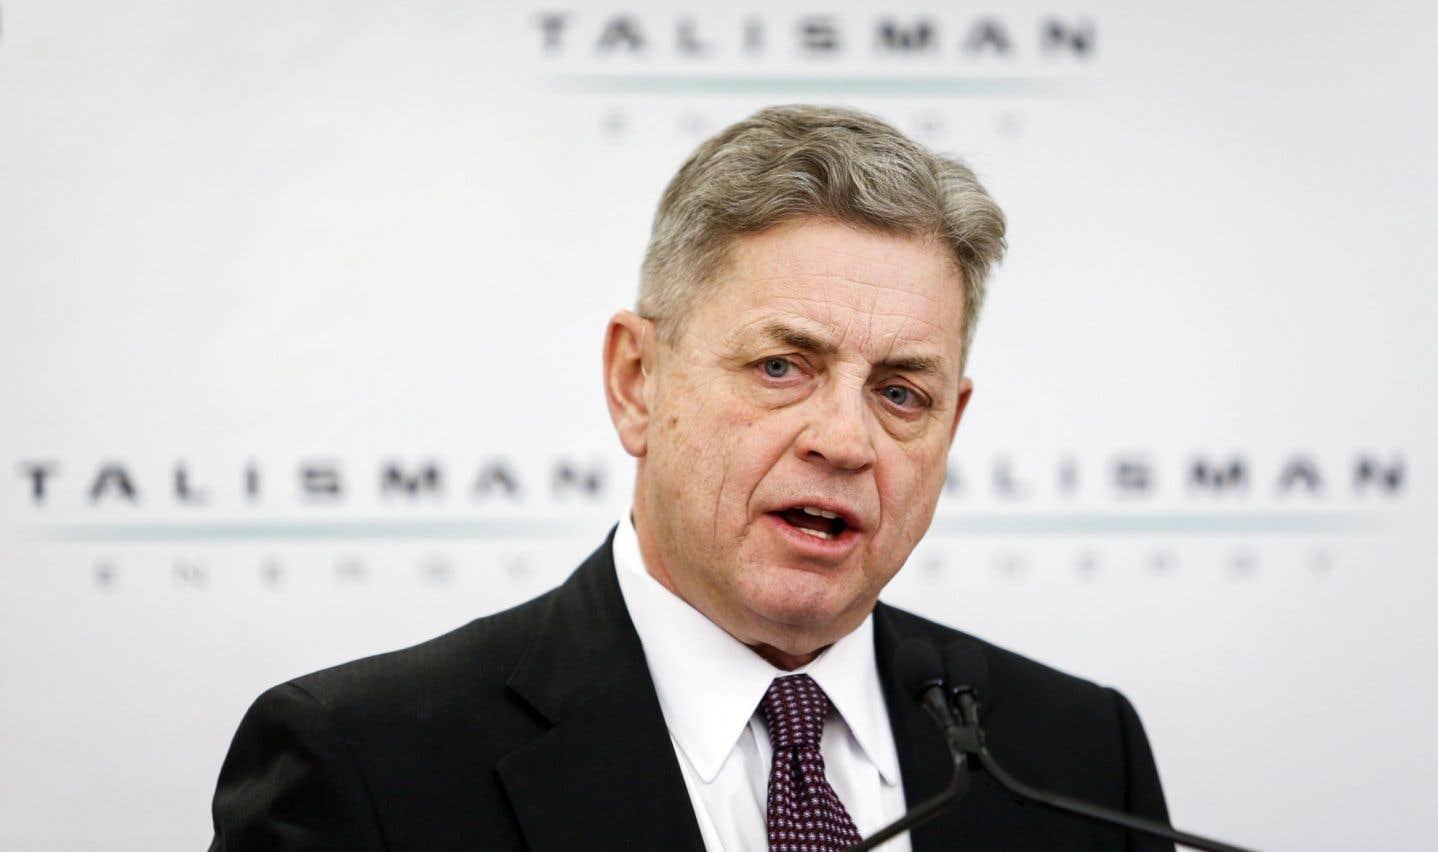 Le géant espagnol Repsol achète Talisman Energy pour 13 milliards $US